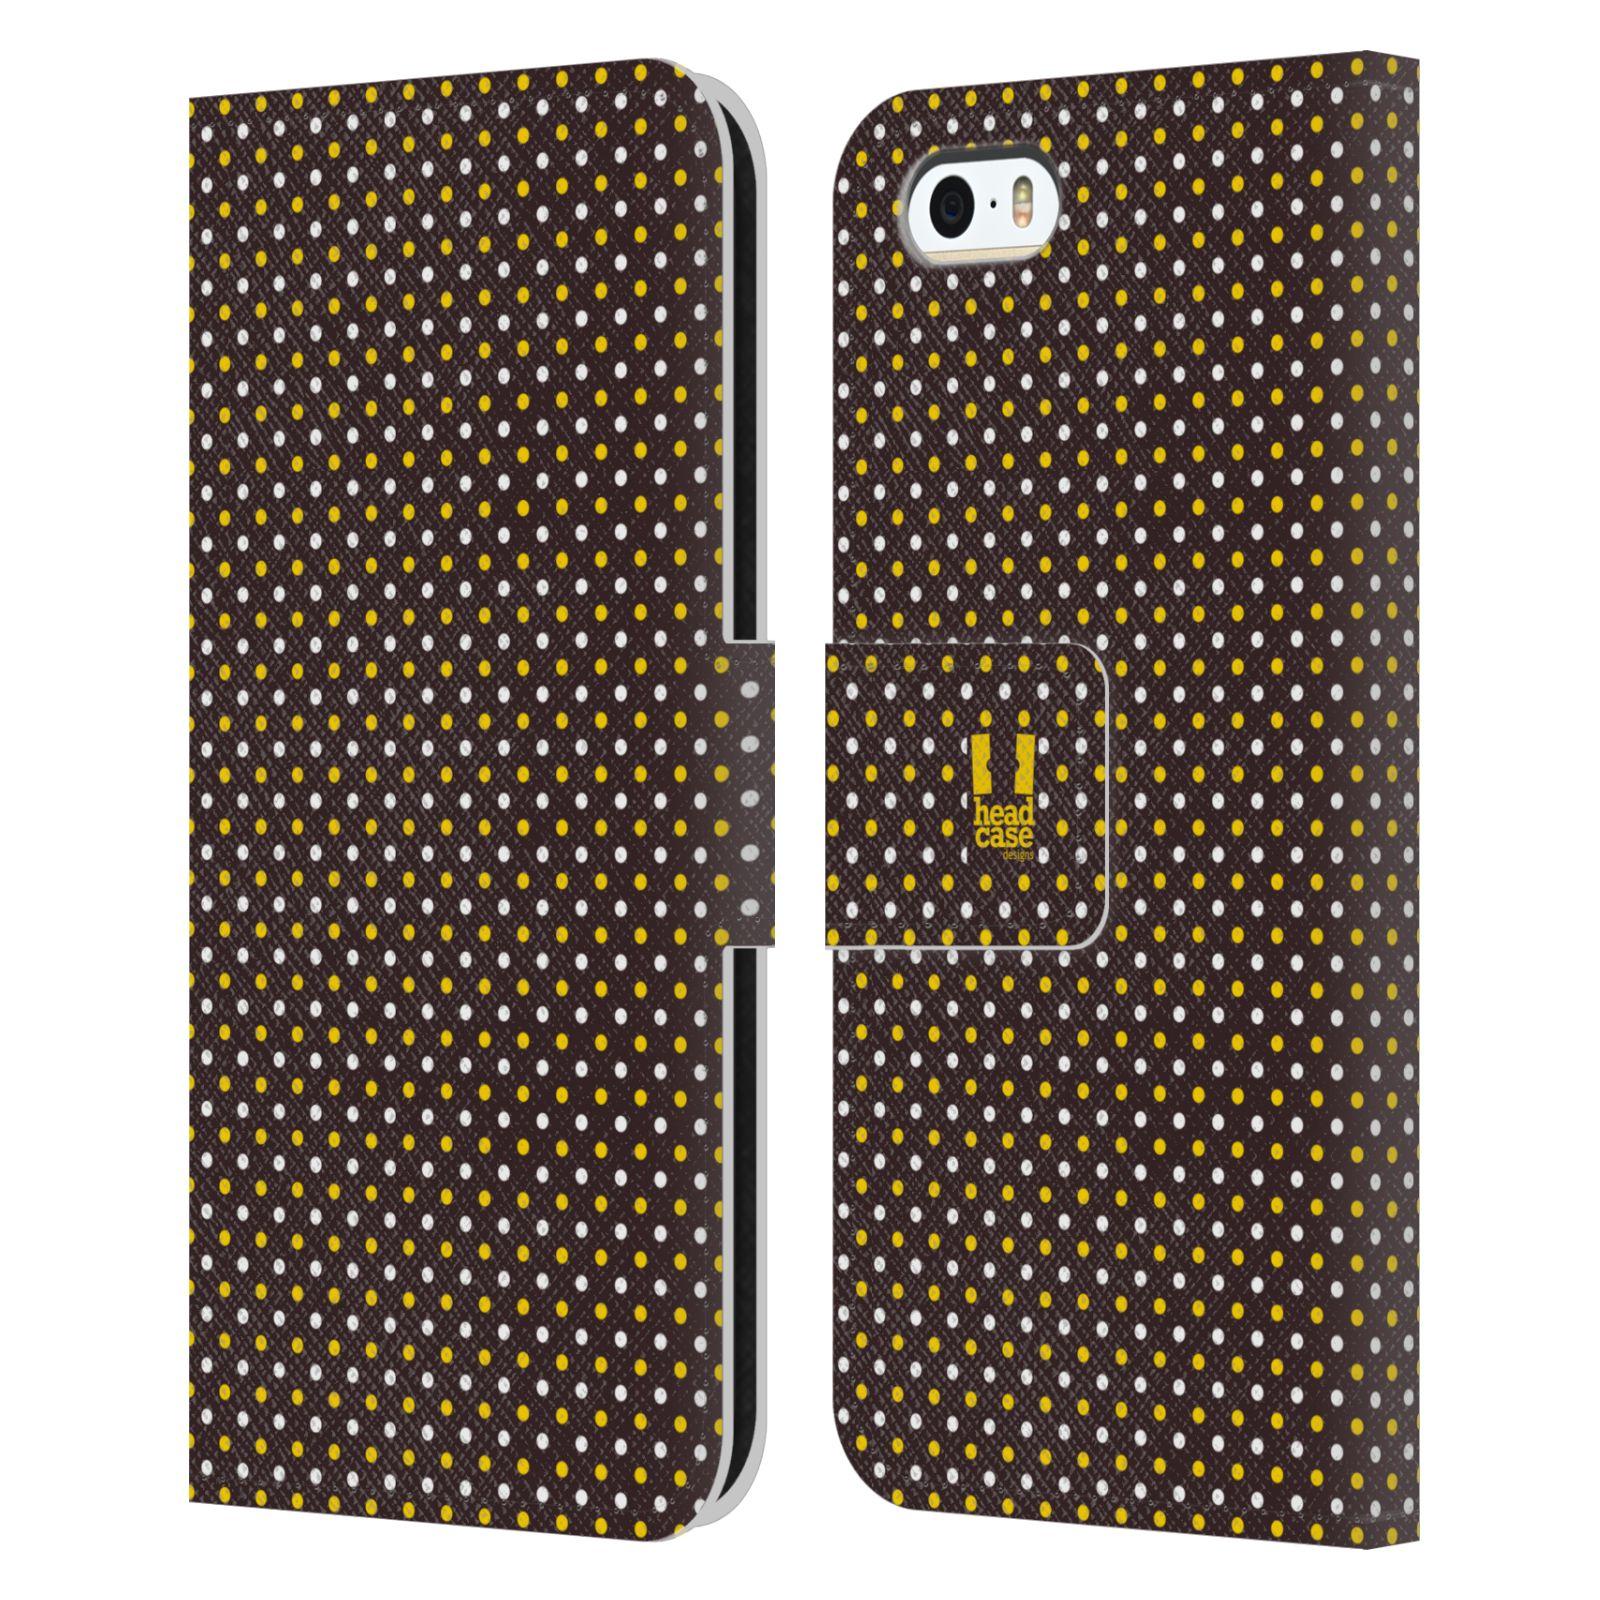 HEAD CASE Flipové pouzdro pro mobil Apple Iphone 5/5s VČELÍ VZOR puntíky hnědá a žlutá